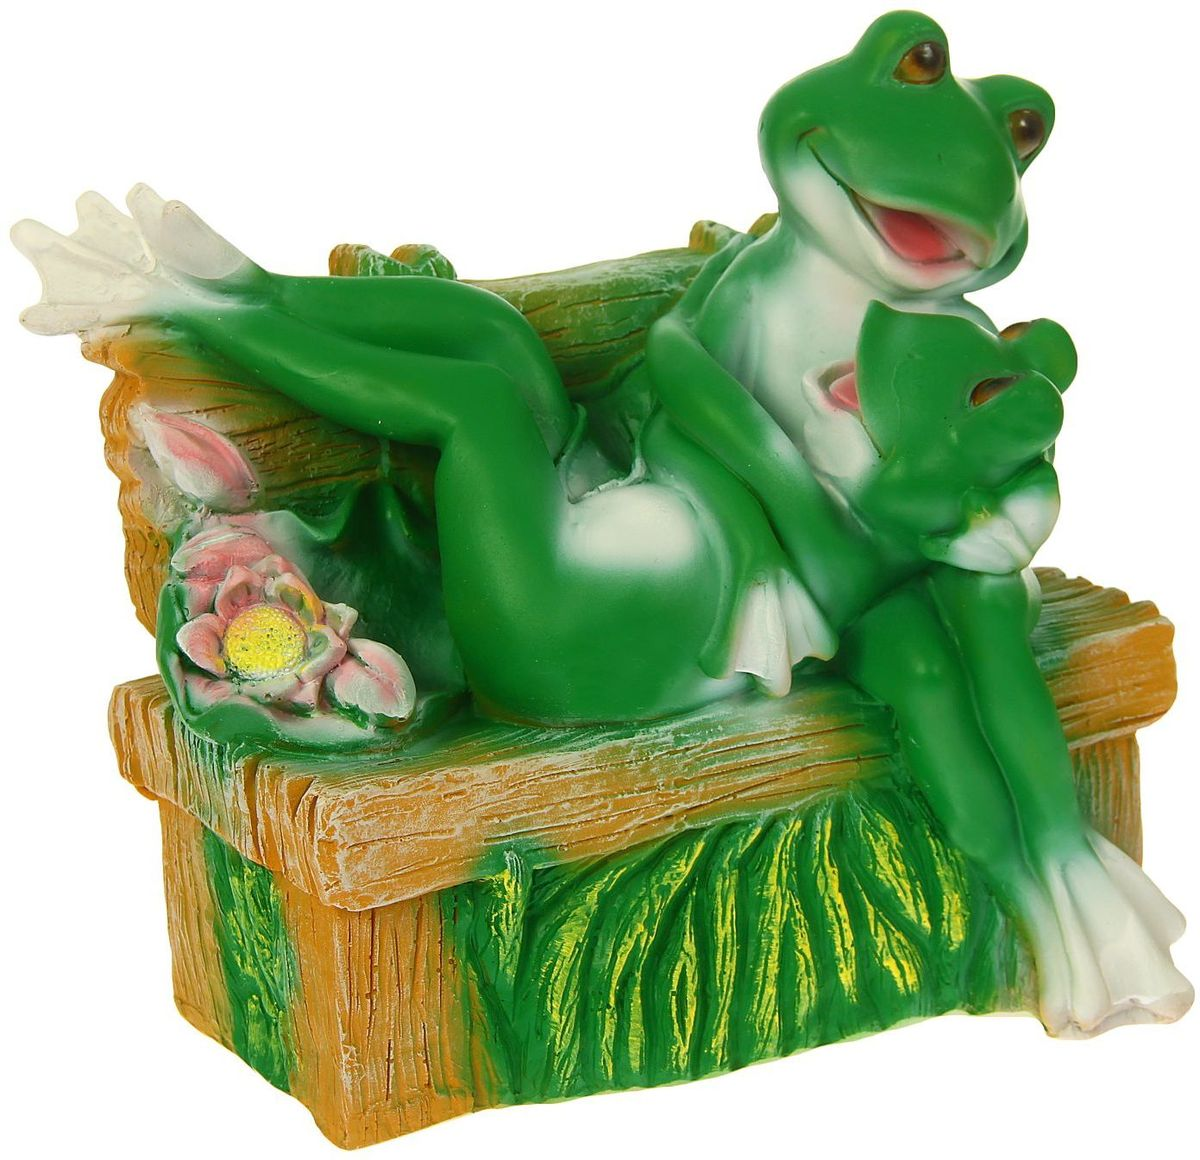 Фигура садовая Пара влюбленных лягушек на лавке, 18 х 28 х 29 см1259551